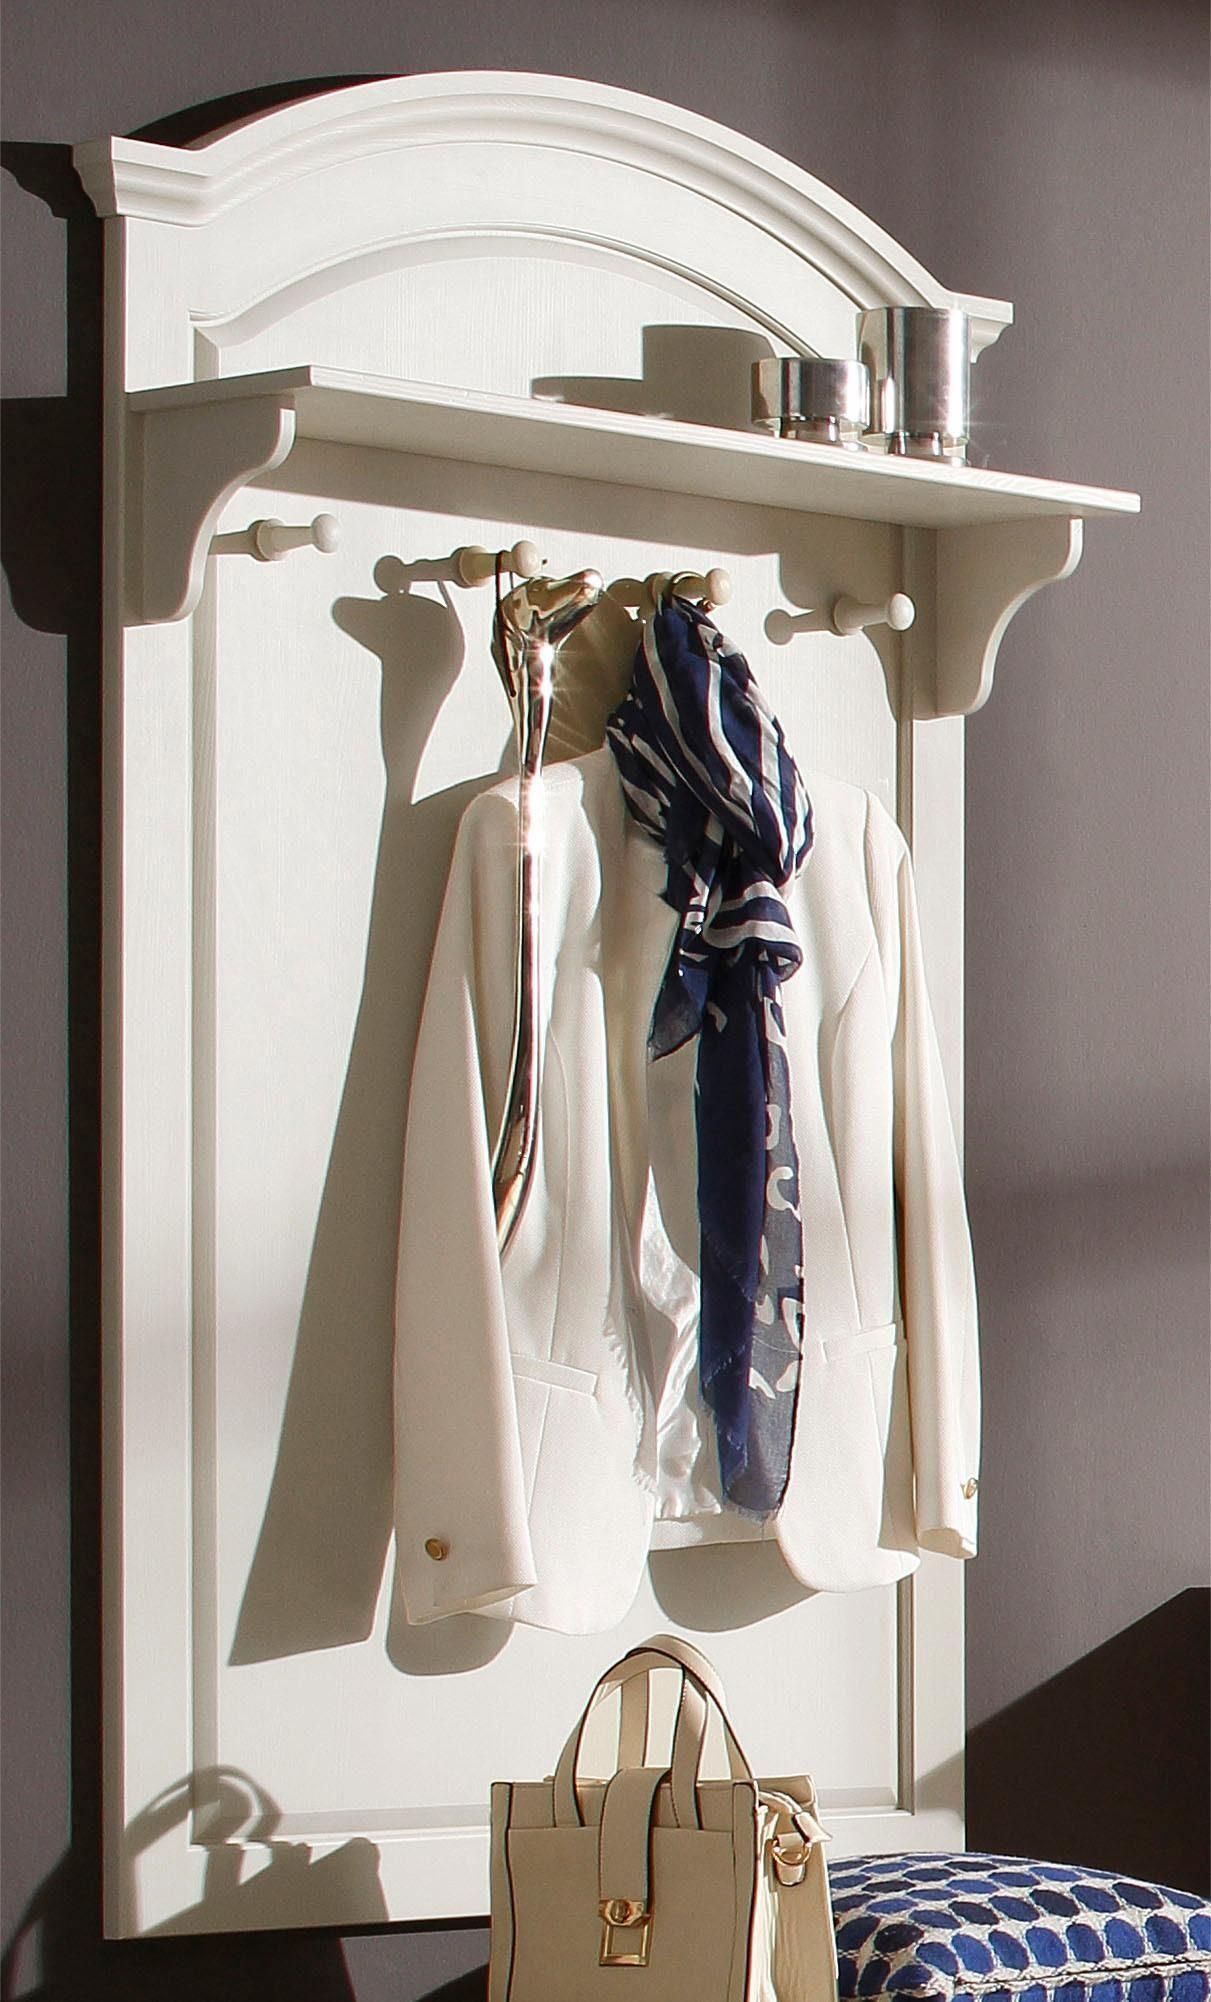 Home affaire Garderobenpaneel »Ivala«, aus massiver Kiefer, 90 cm breit und 140 cm hoch